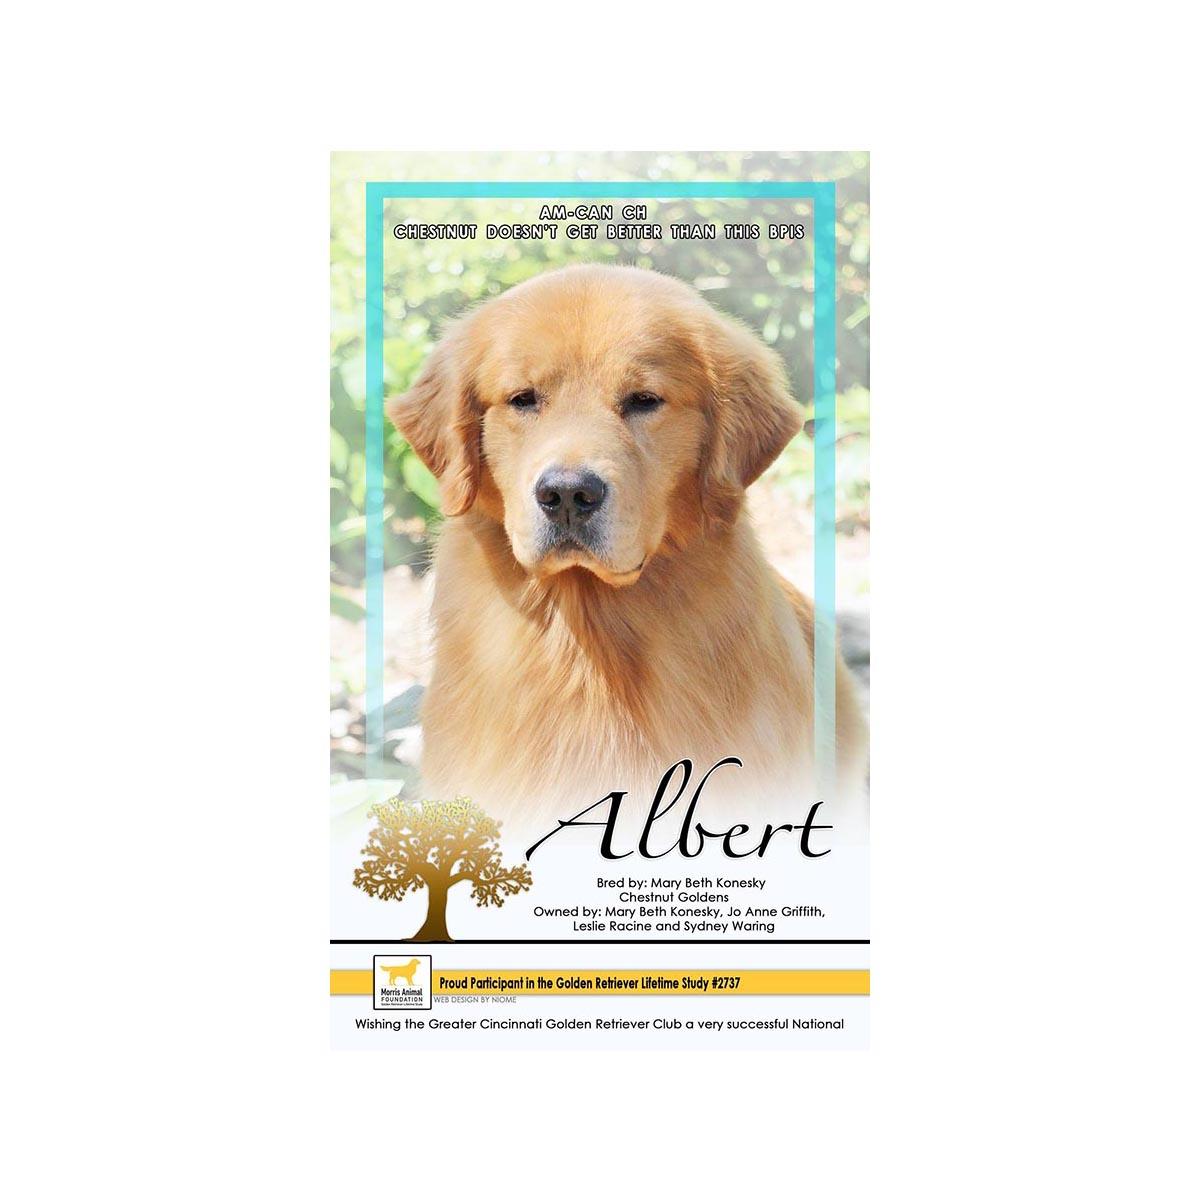 Golden Retriever Stud Dog - Am CH Can BIS RBIS GCH Chestnut